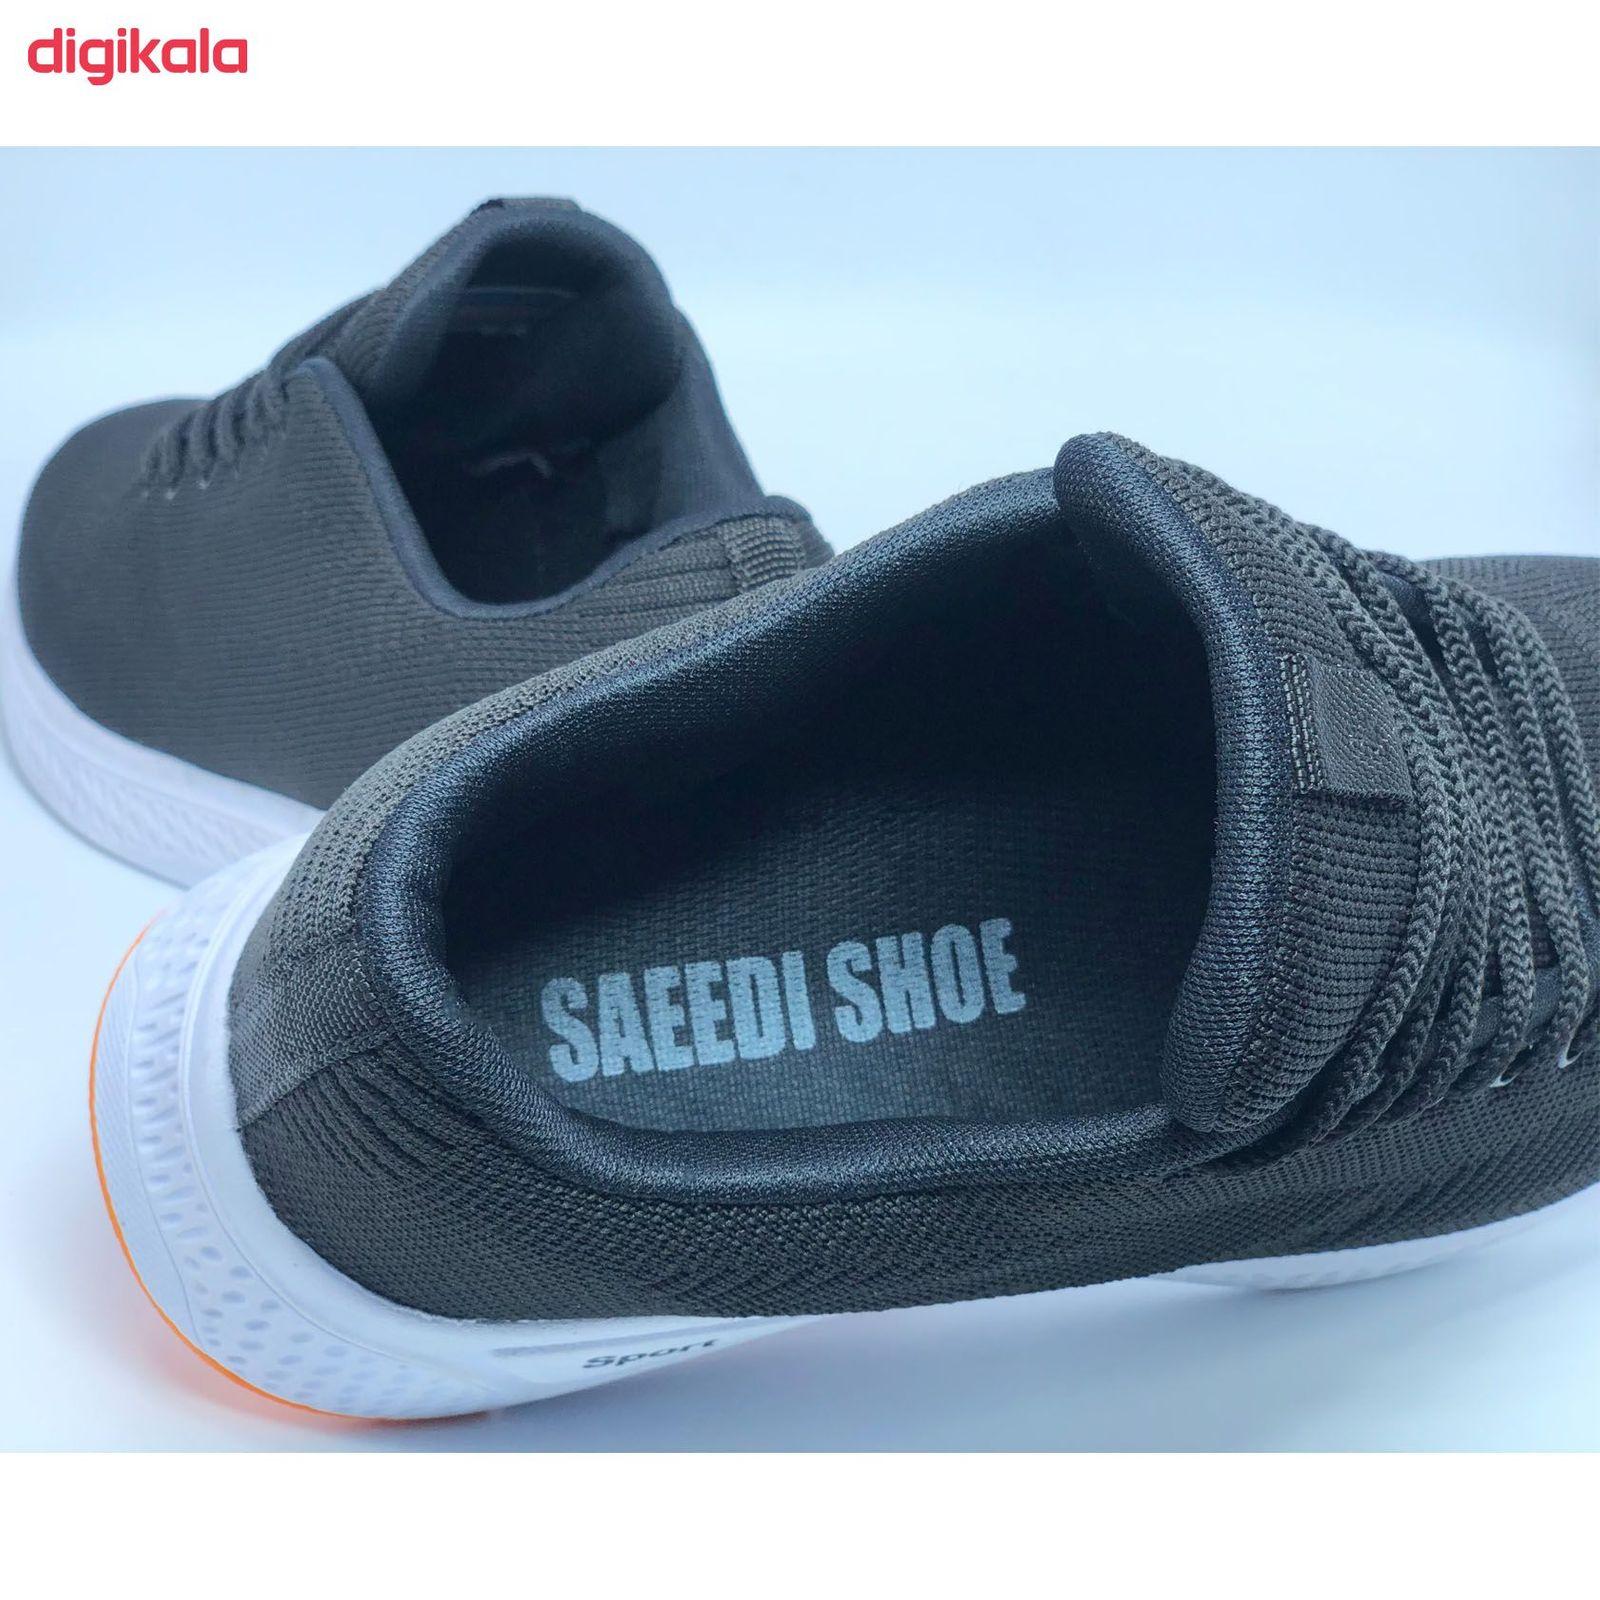 کفش مخصوص پیاده روی مردانه کفش سعیدی کد MU110 -  - 11